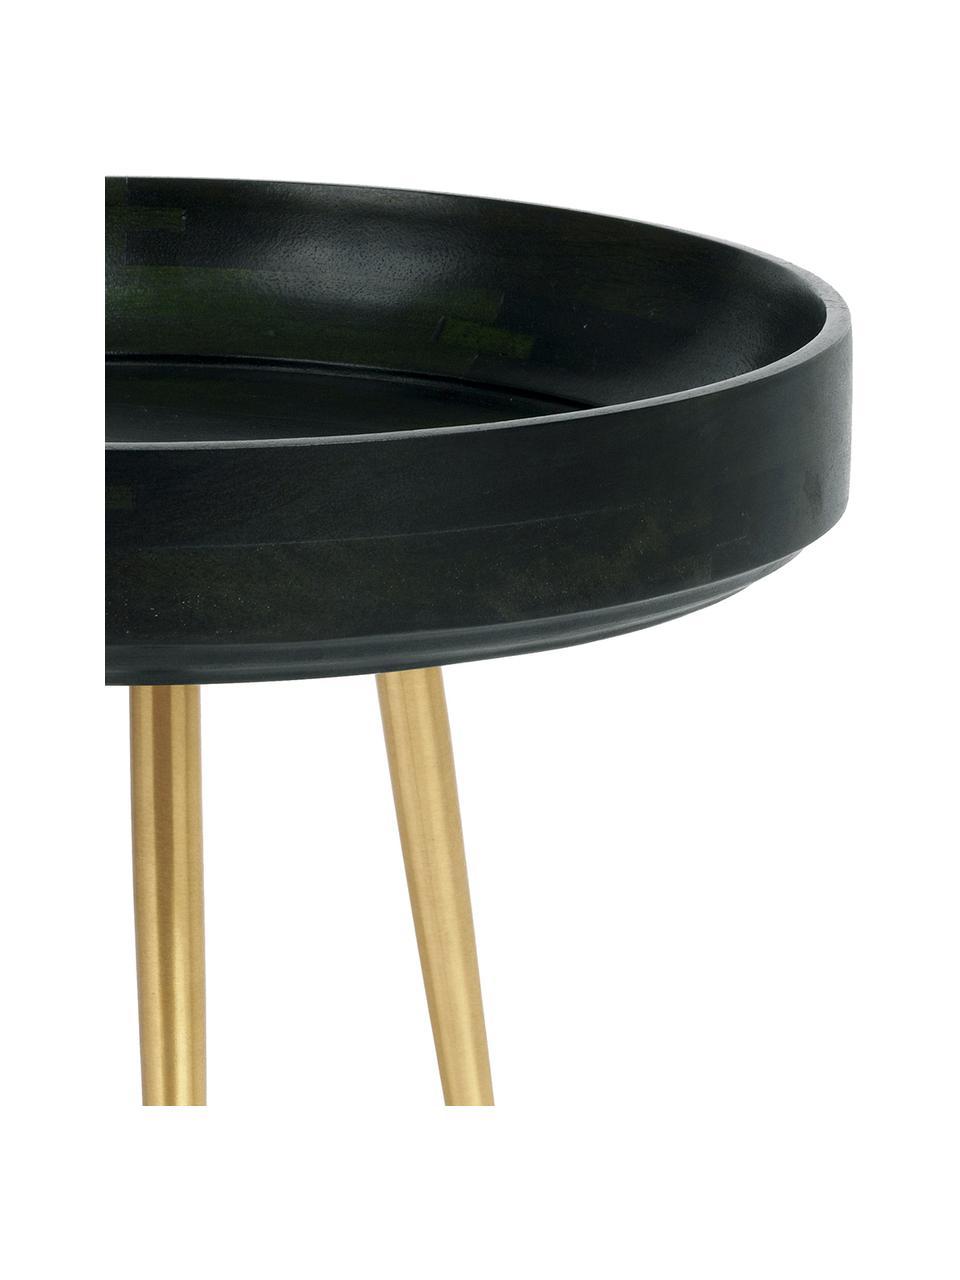 Petite table d'appoint manguier Bowl Table, Vert foncé, couleur laitonnée